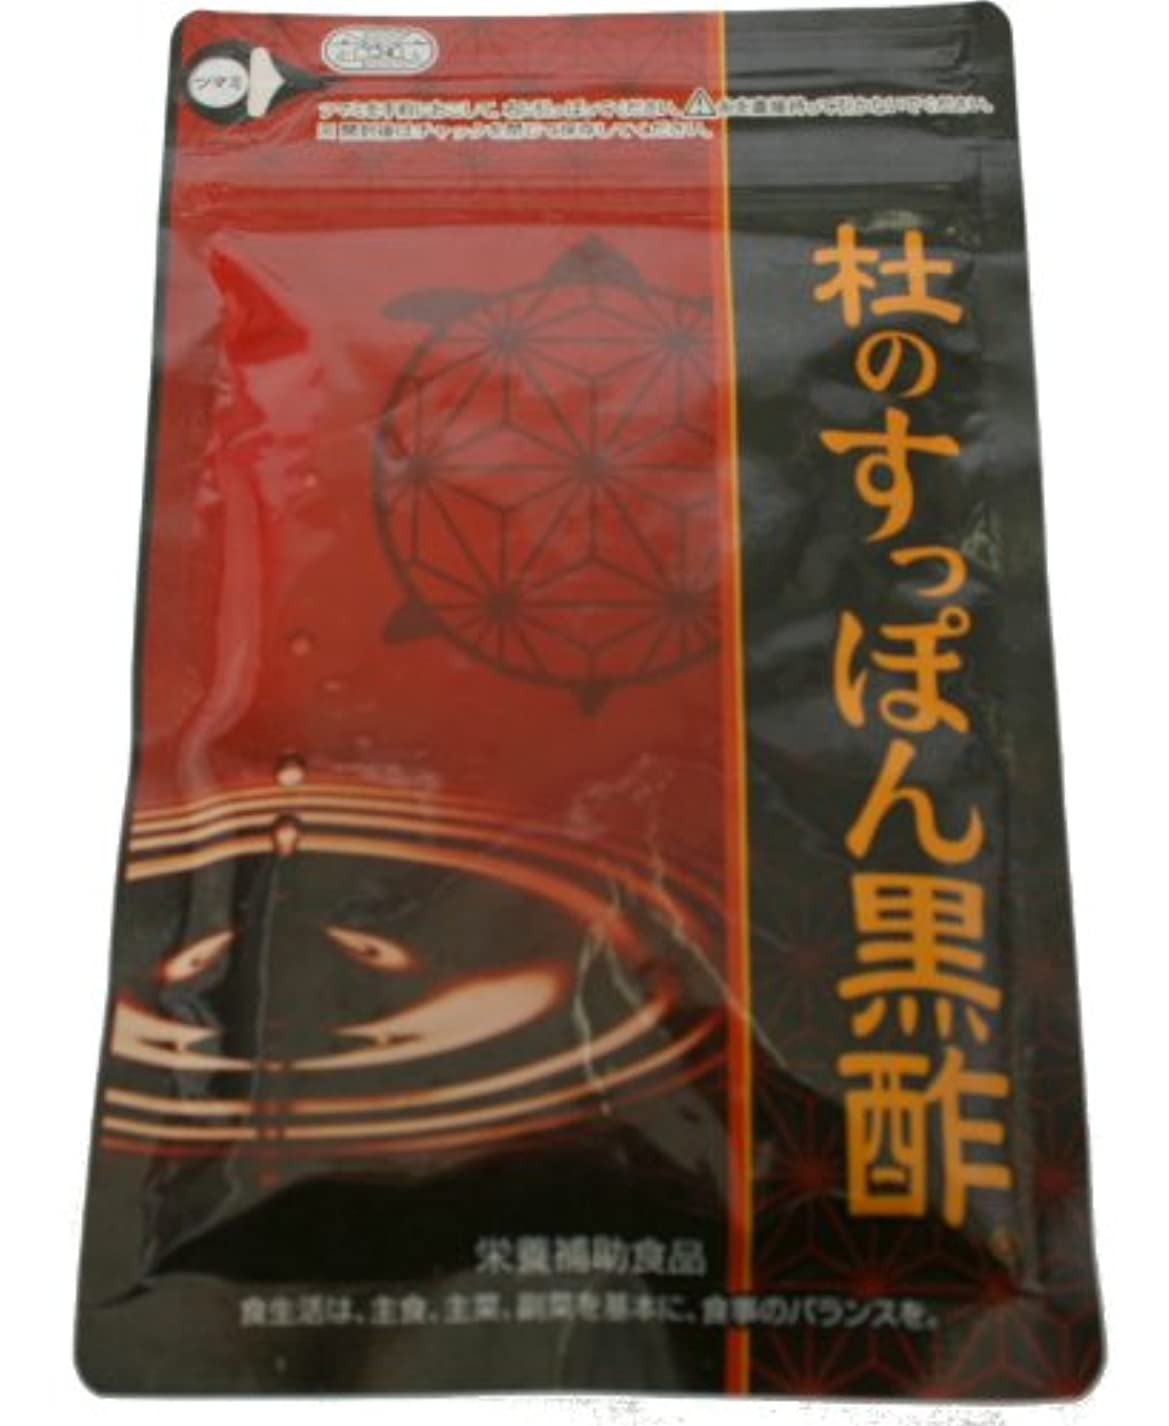 ベース飾る異邦人杜のすっぽん黒酢